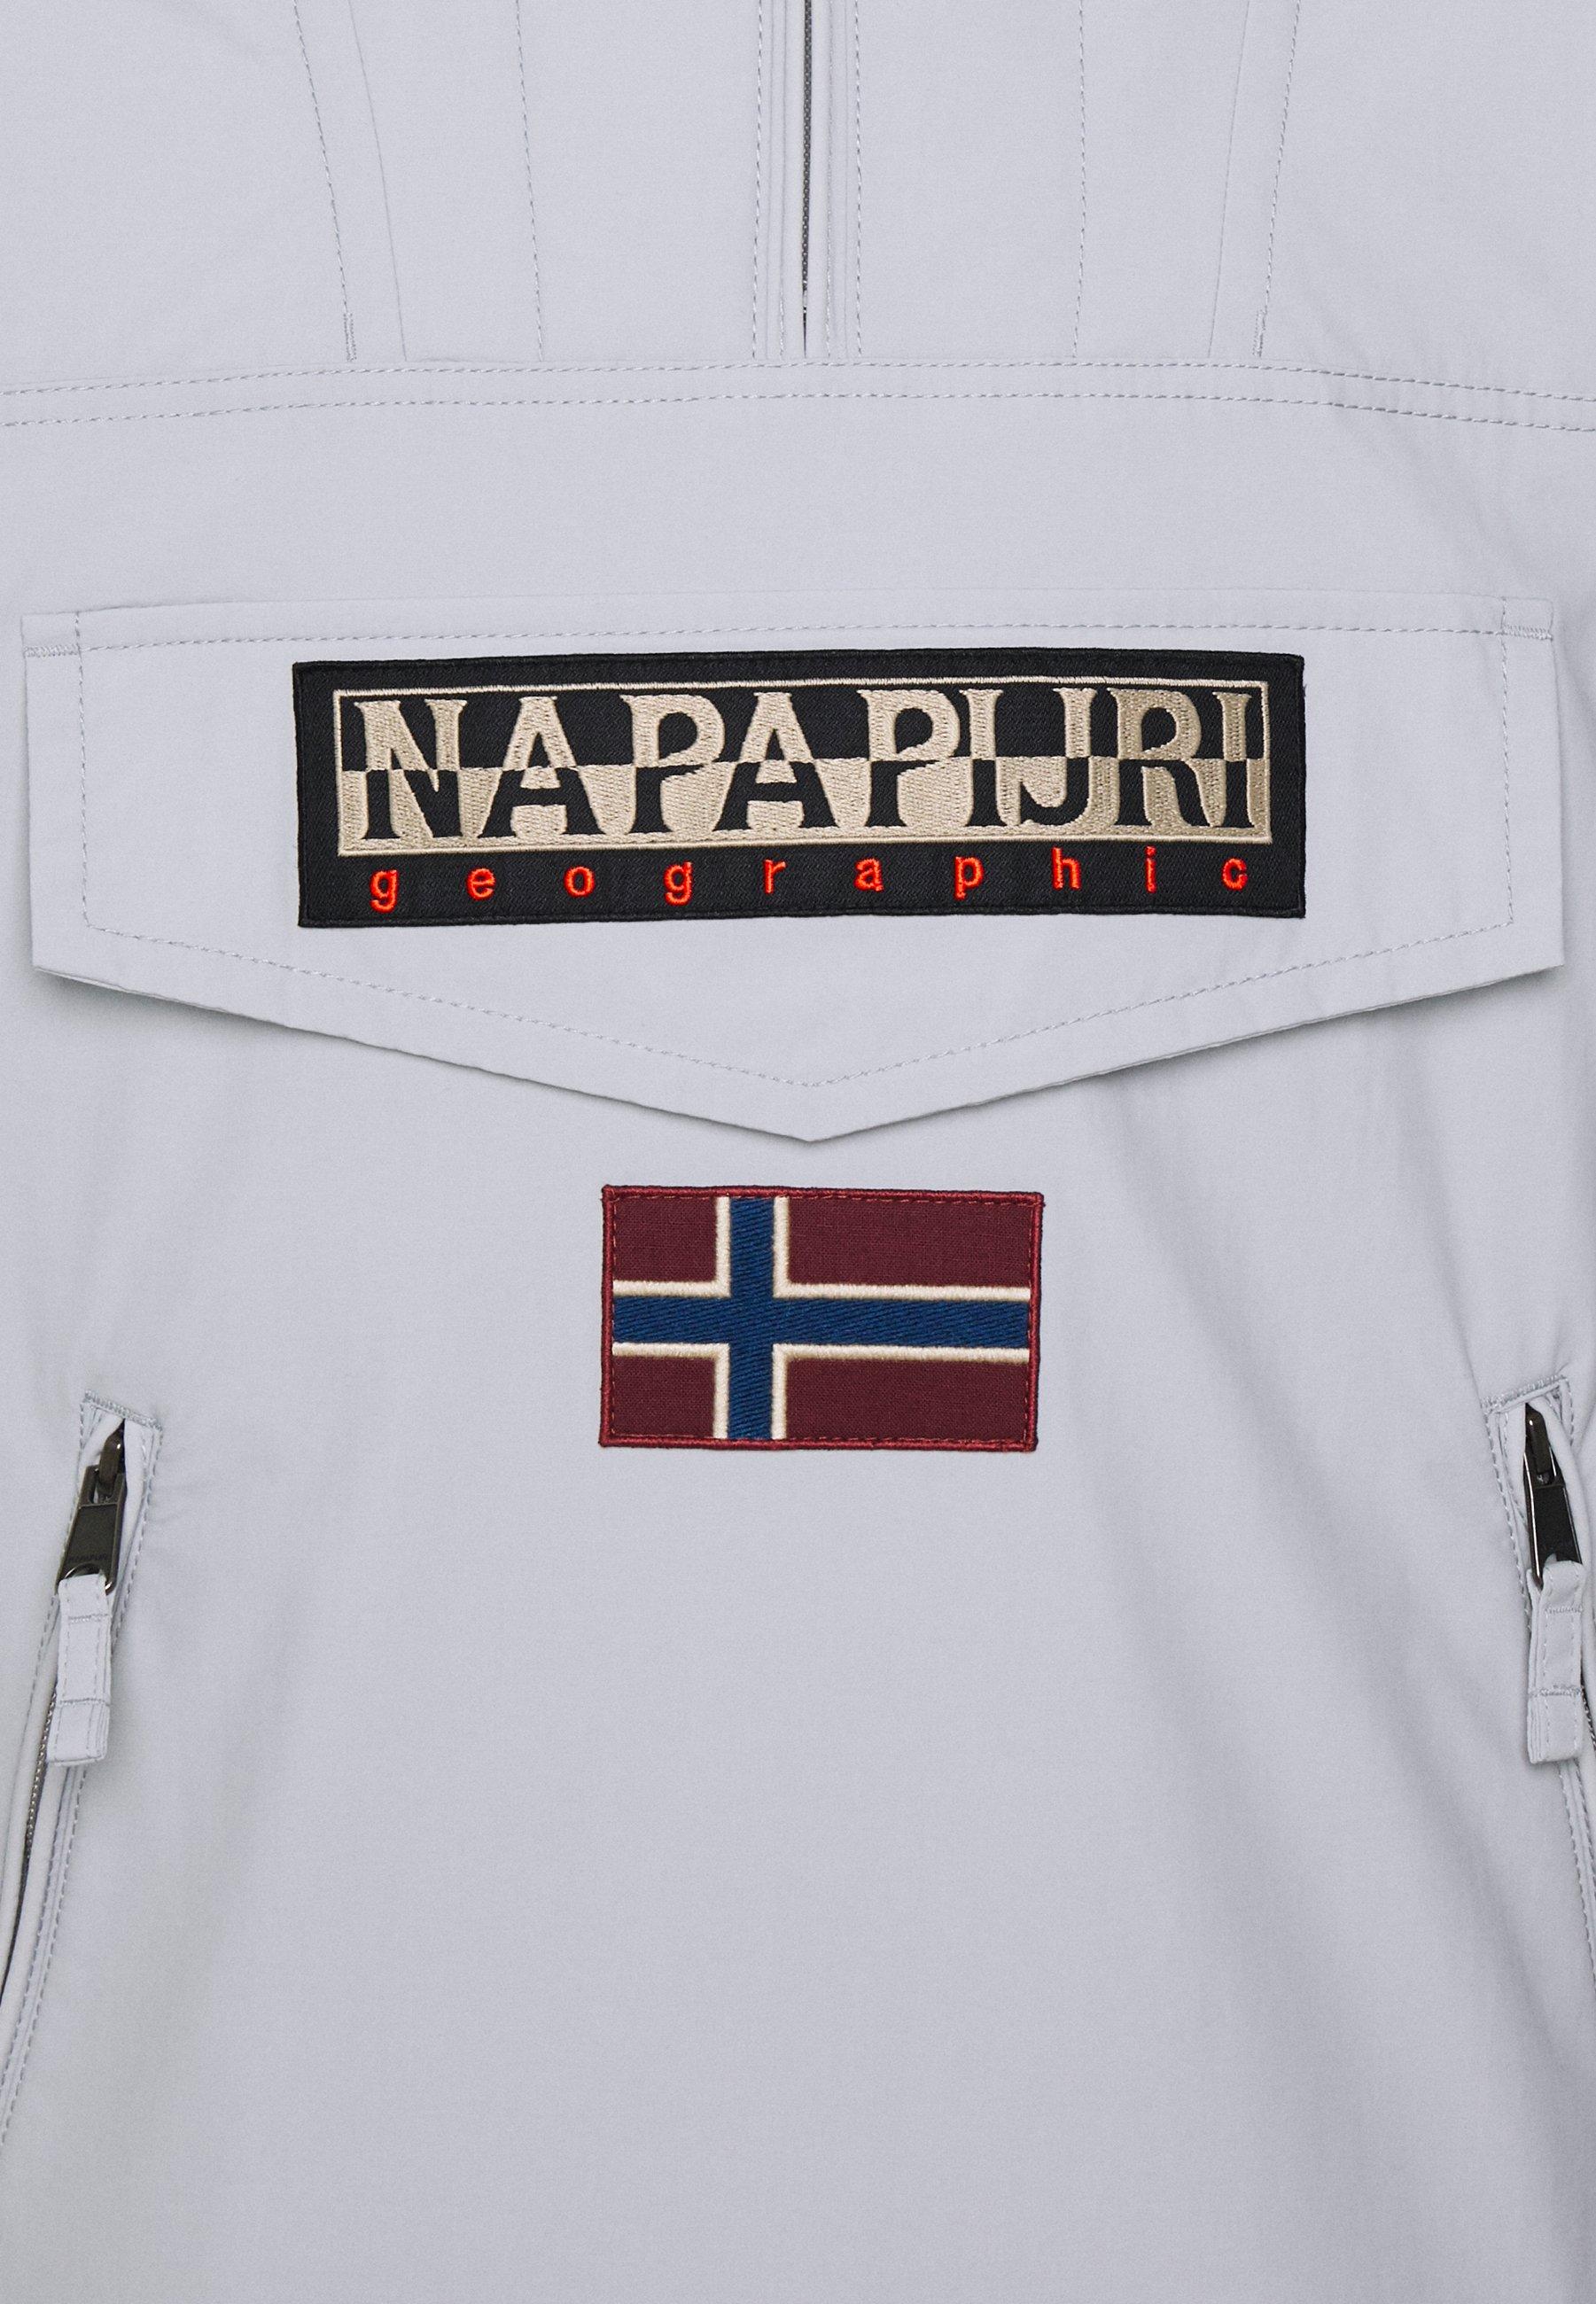 Fast Express Abbigliamento da uomo Napapijri RAINFOREST POCKET  Giacca da mezza stagione grey harbor